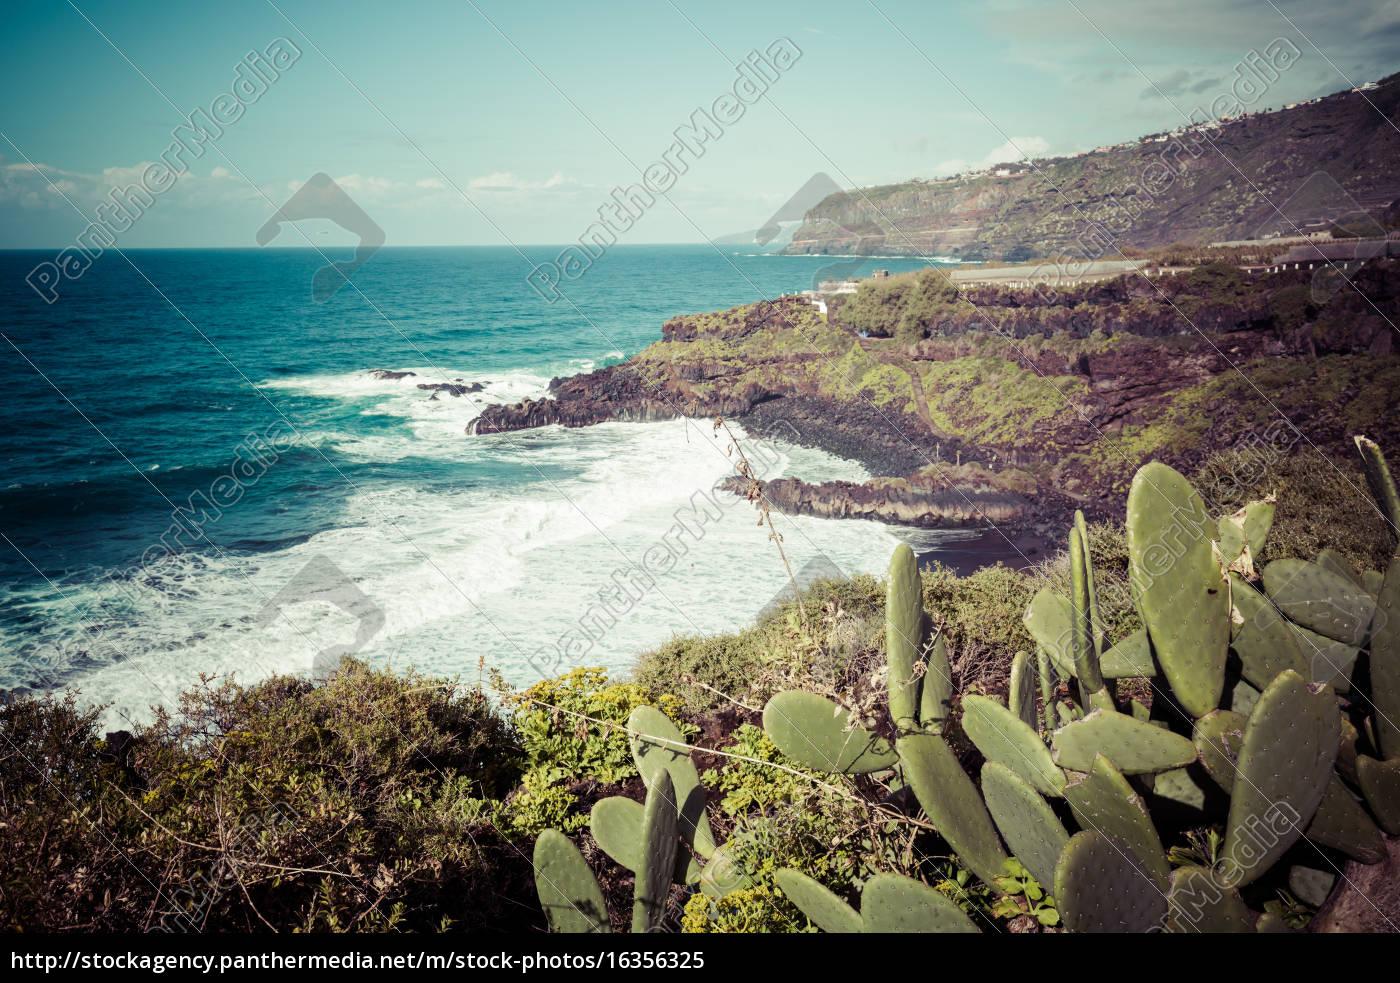 plantación, de, plátanos, en, canarias, tenerife - 16356325